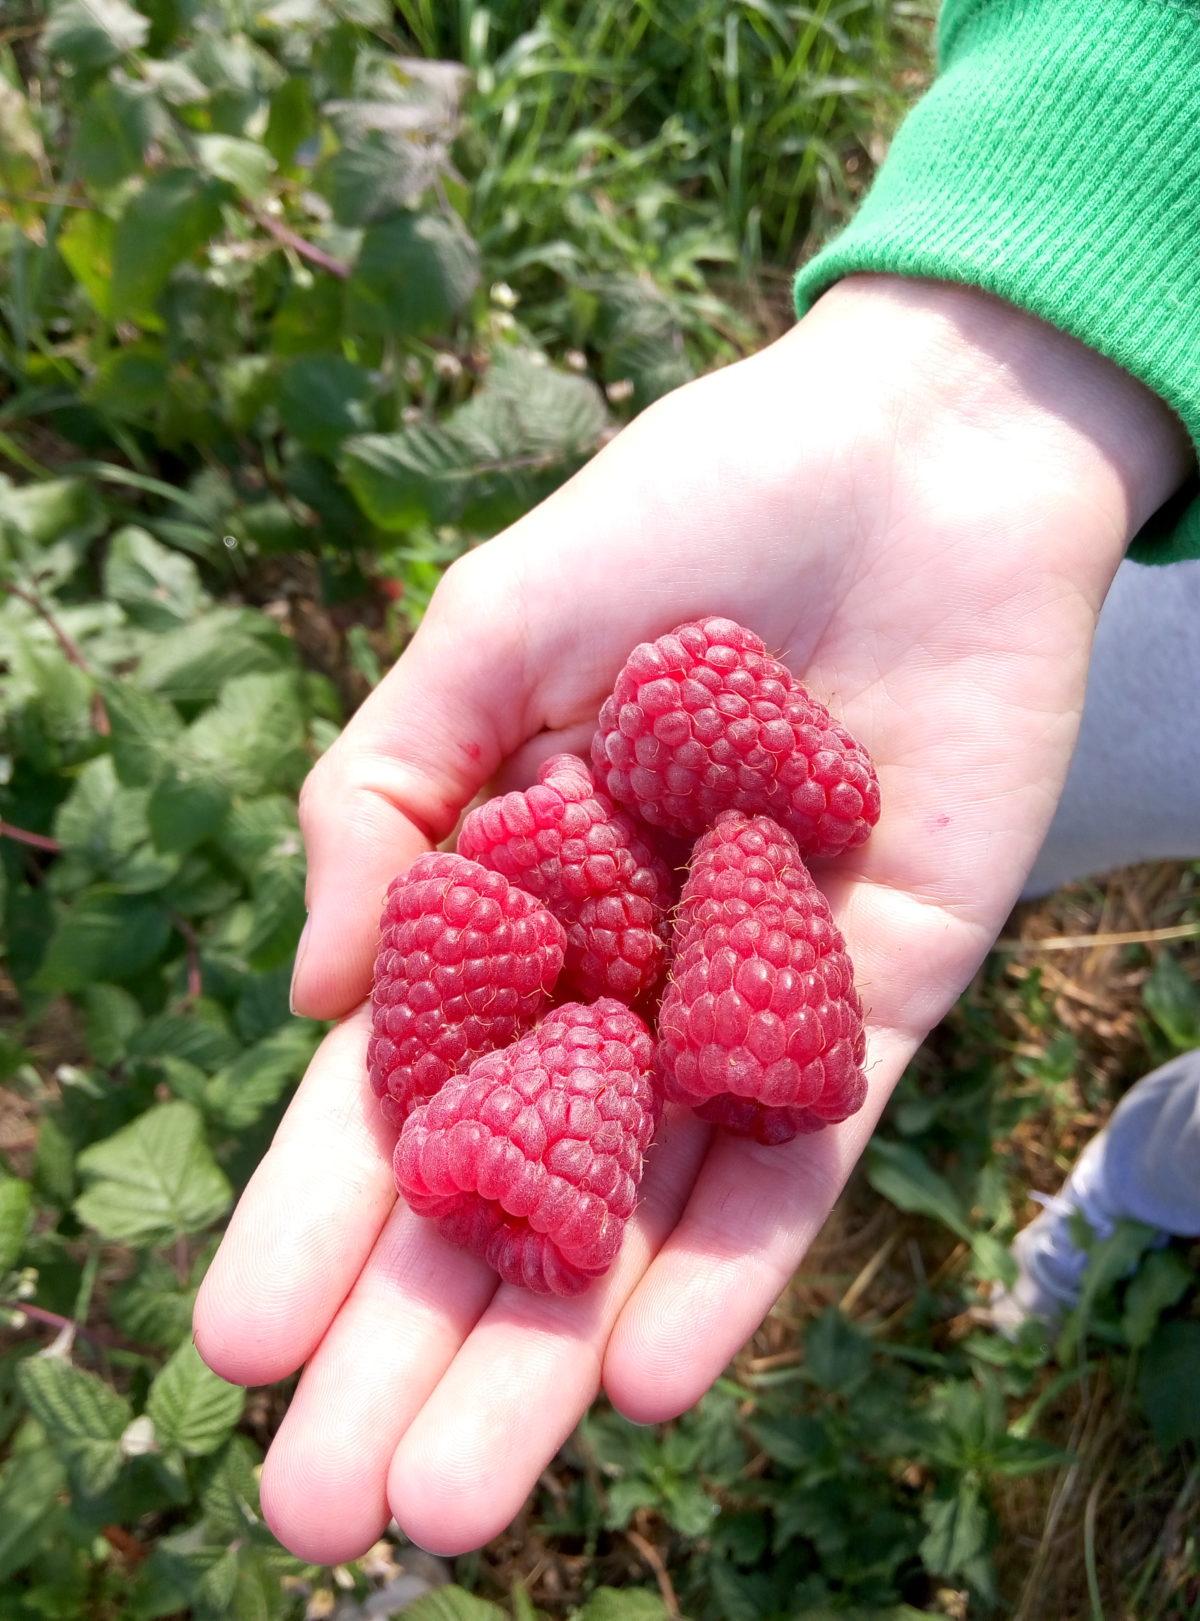 фото ягоды малины брянское диво